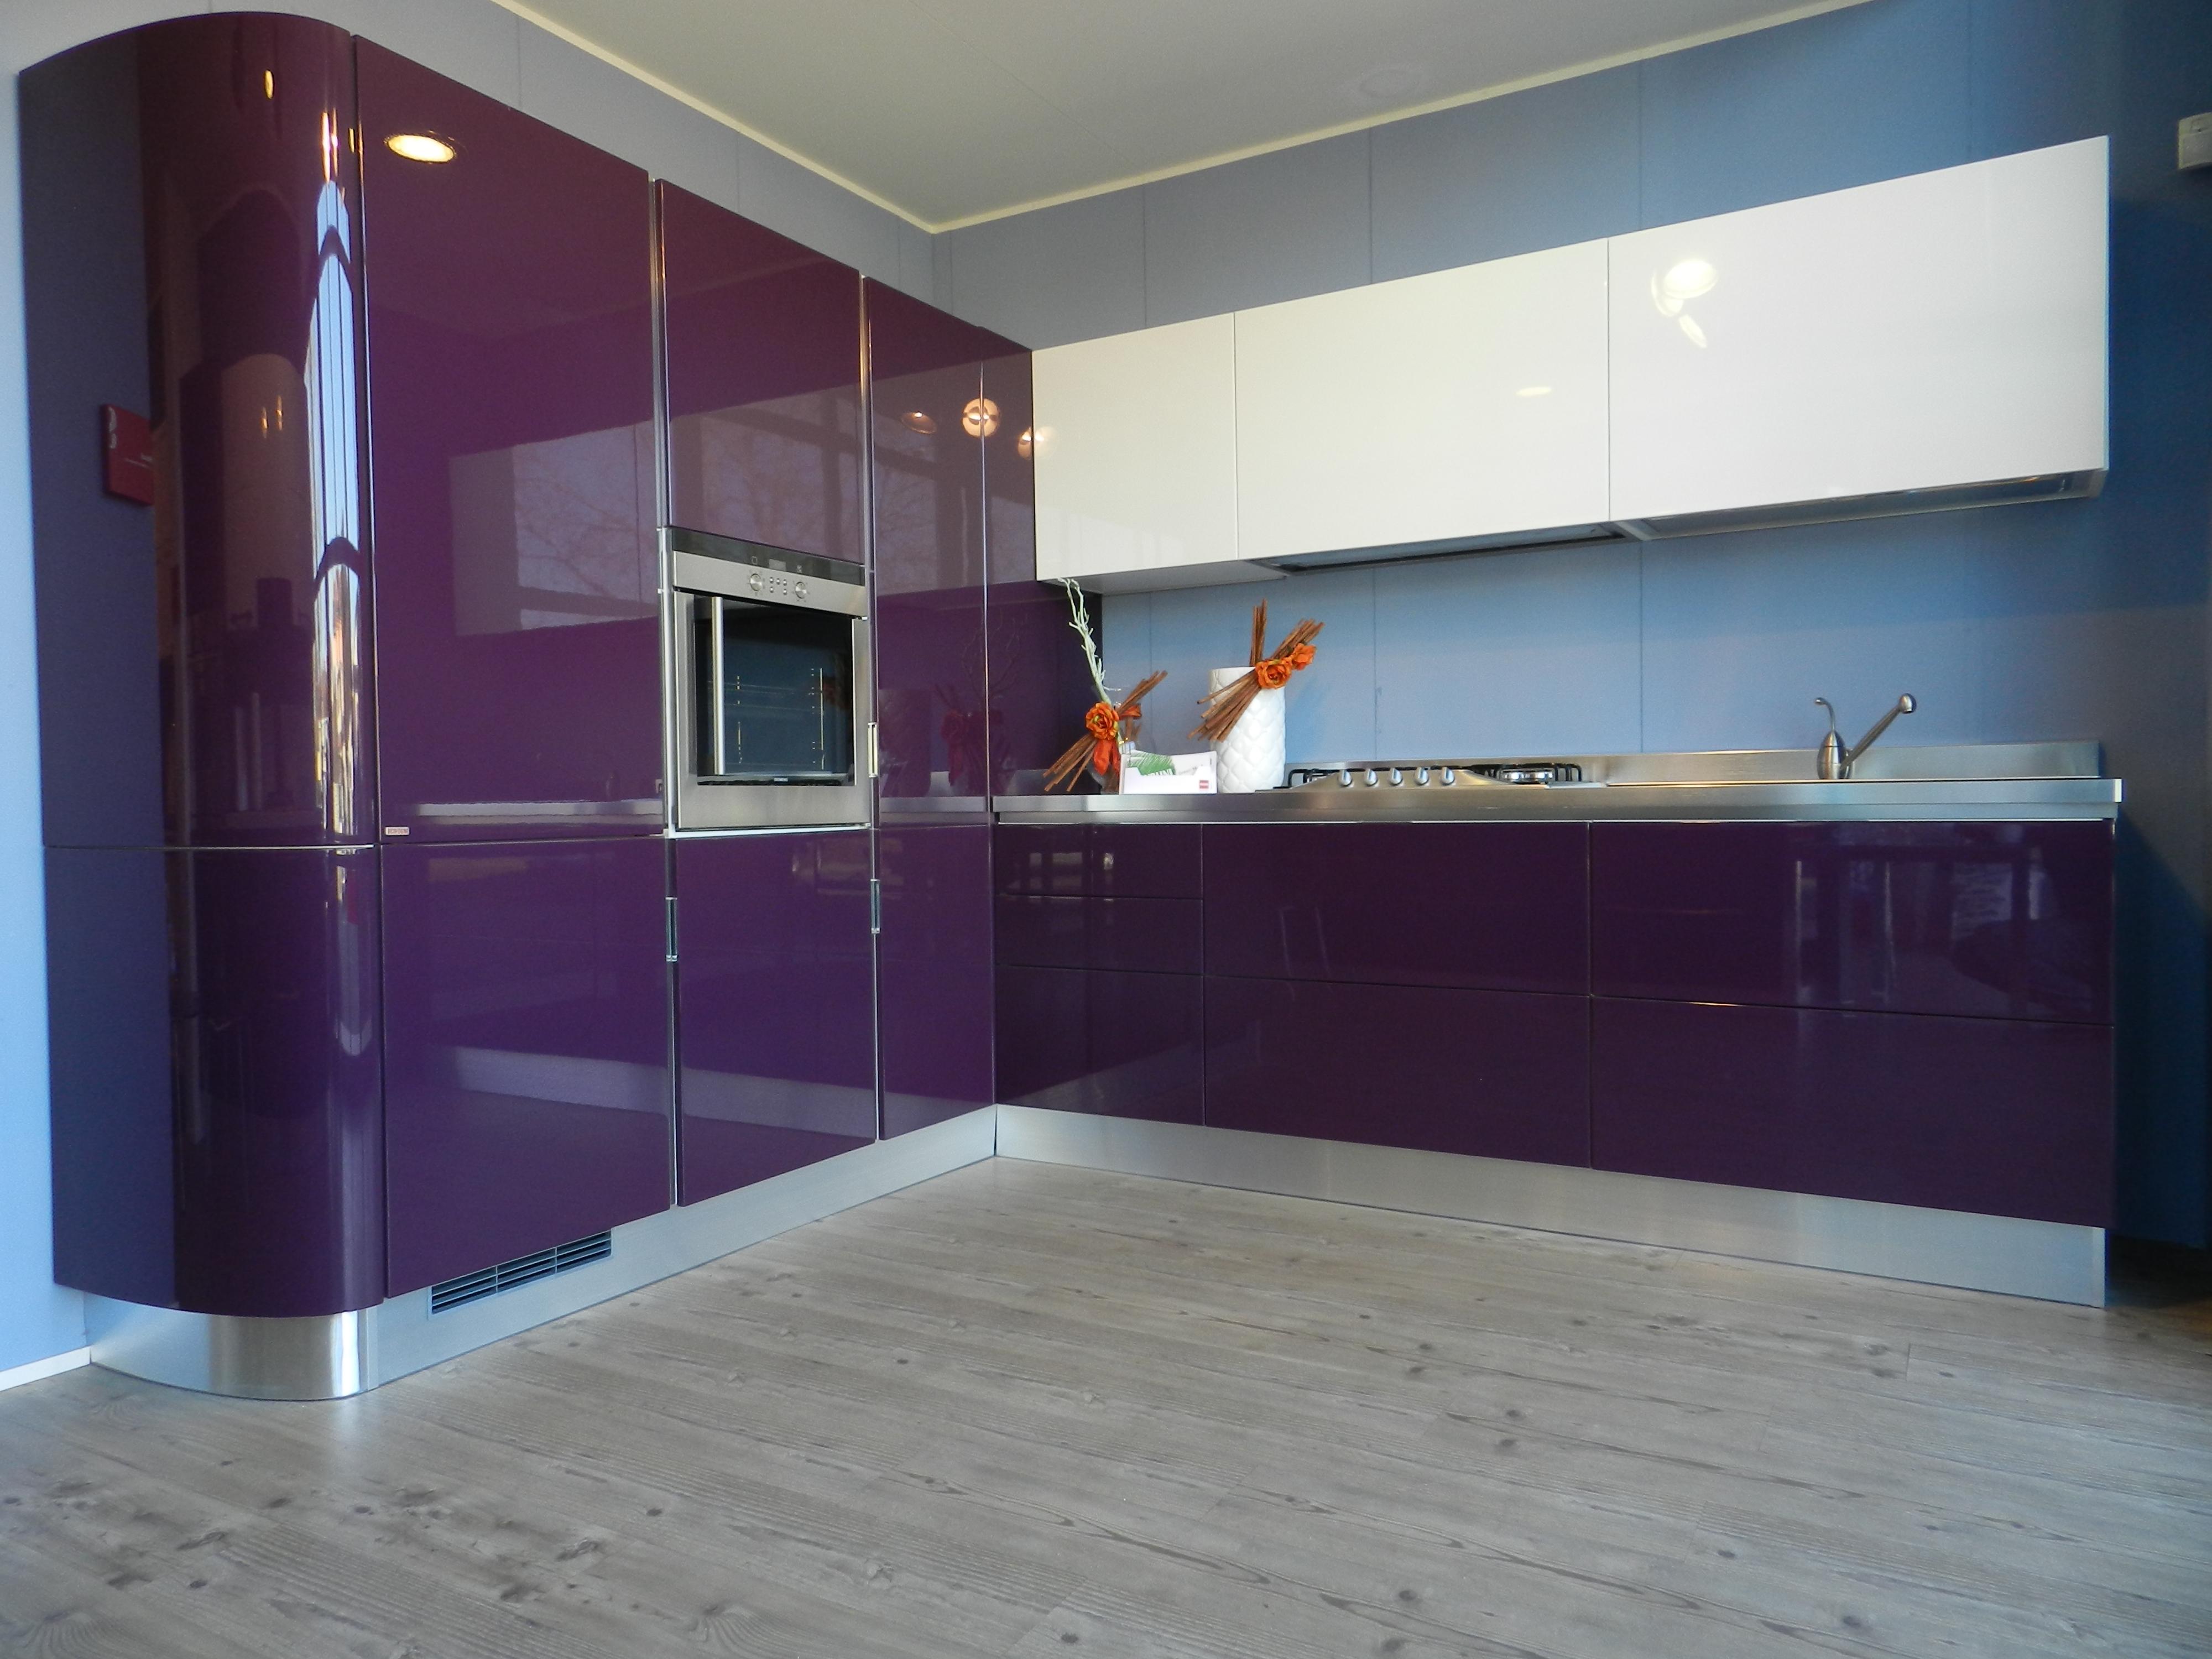 Mobiletto Cucina Color Melanzana - Mobiletto Cucina Color Melanzana Fenrez Com Sammlung Von [mjhdah]http://www.arredook.it/wp-content/uploads/2012/10/MEG_melanzana.jpg